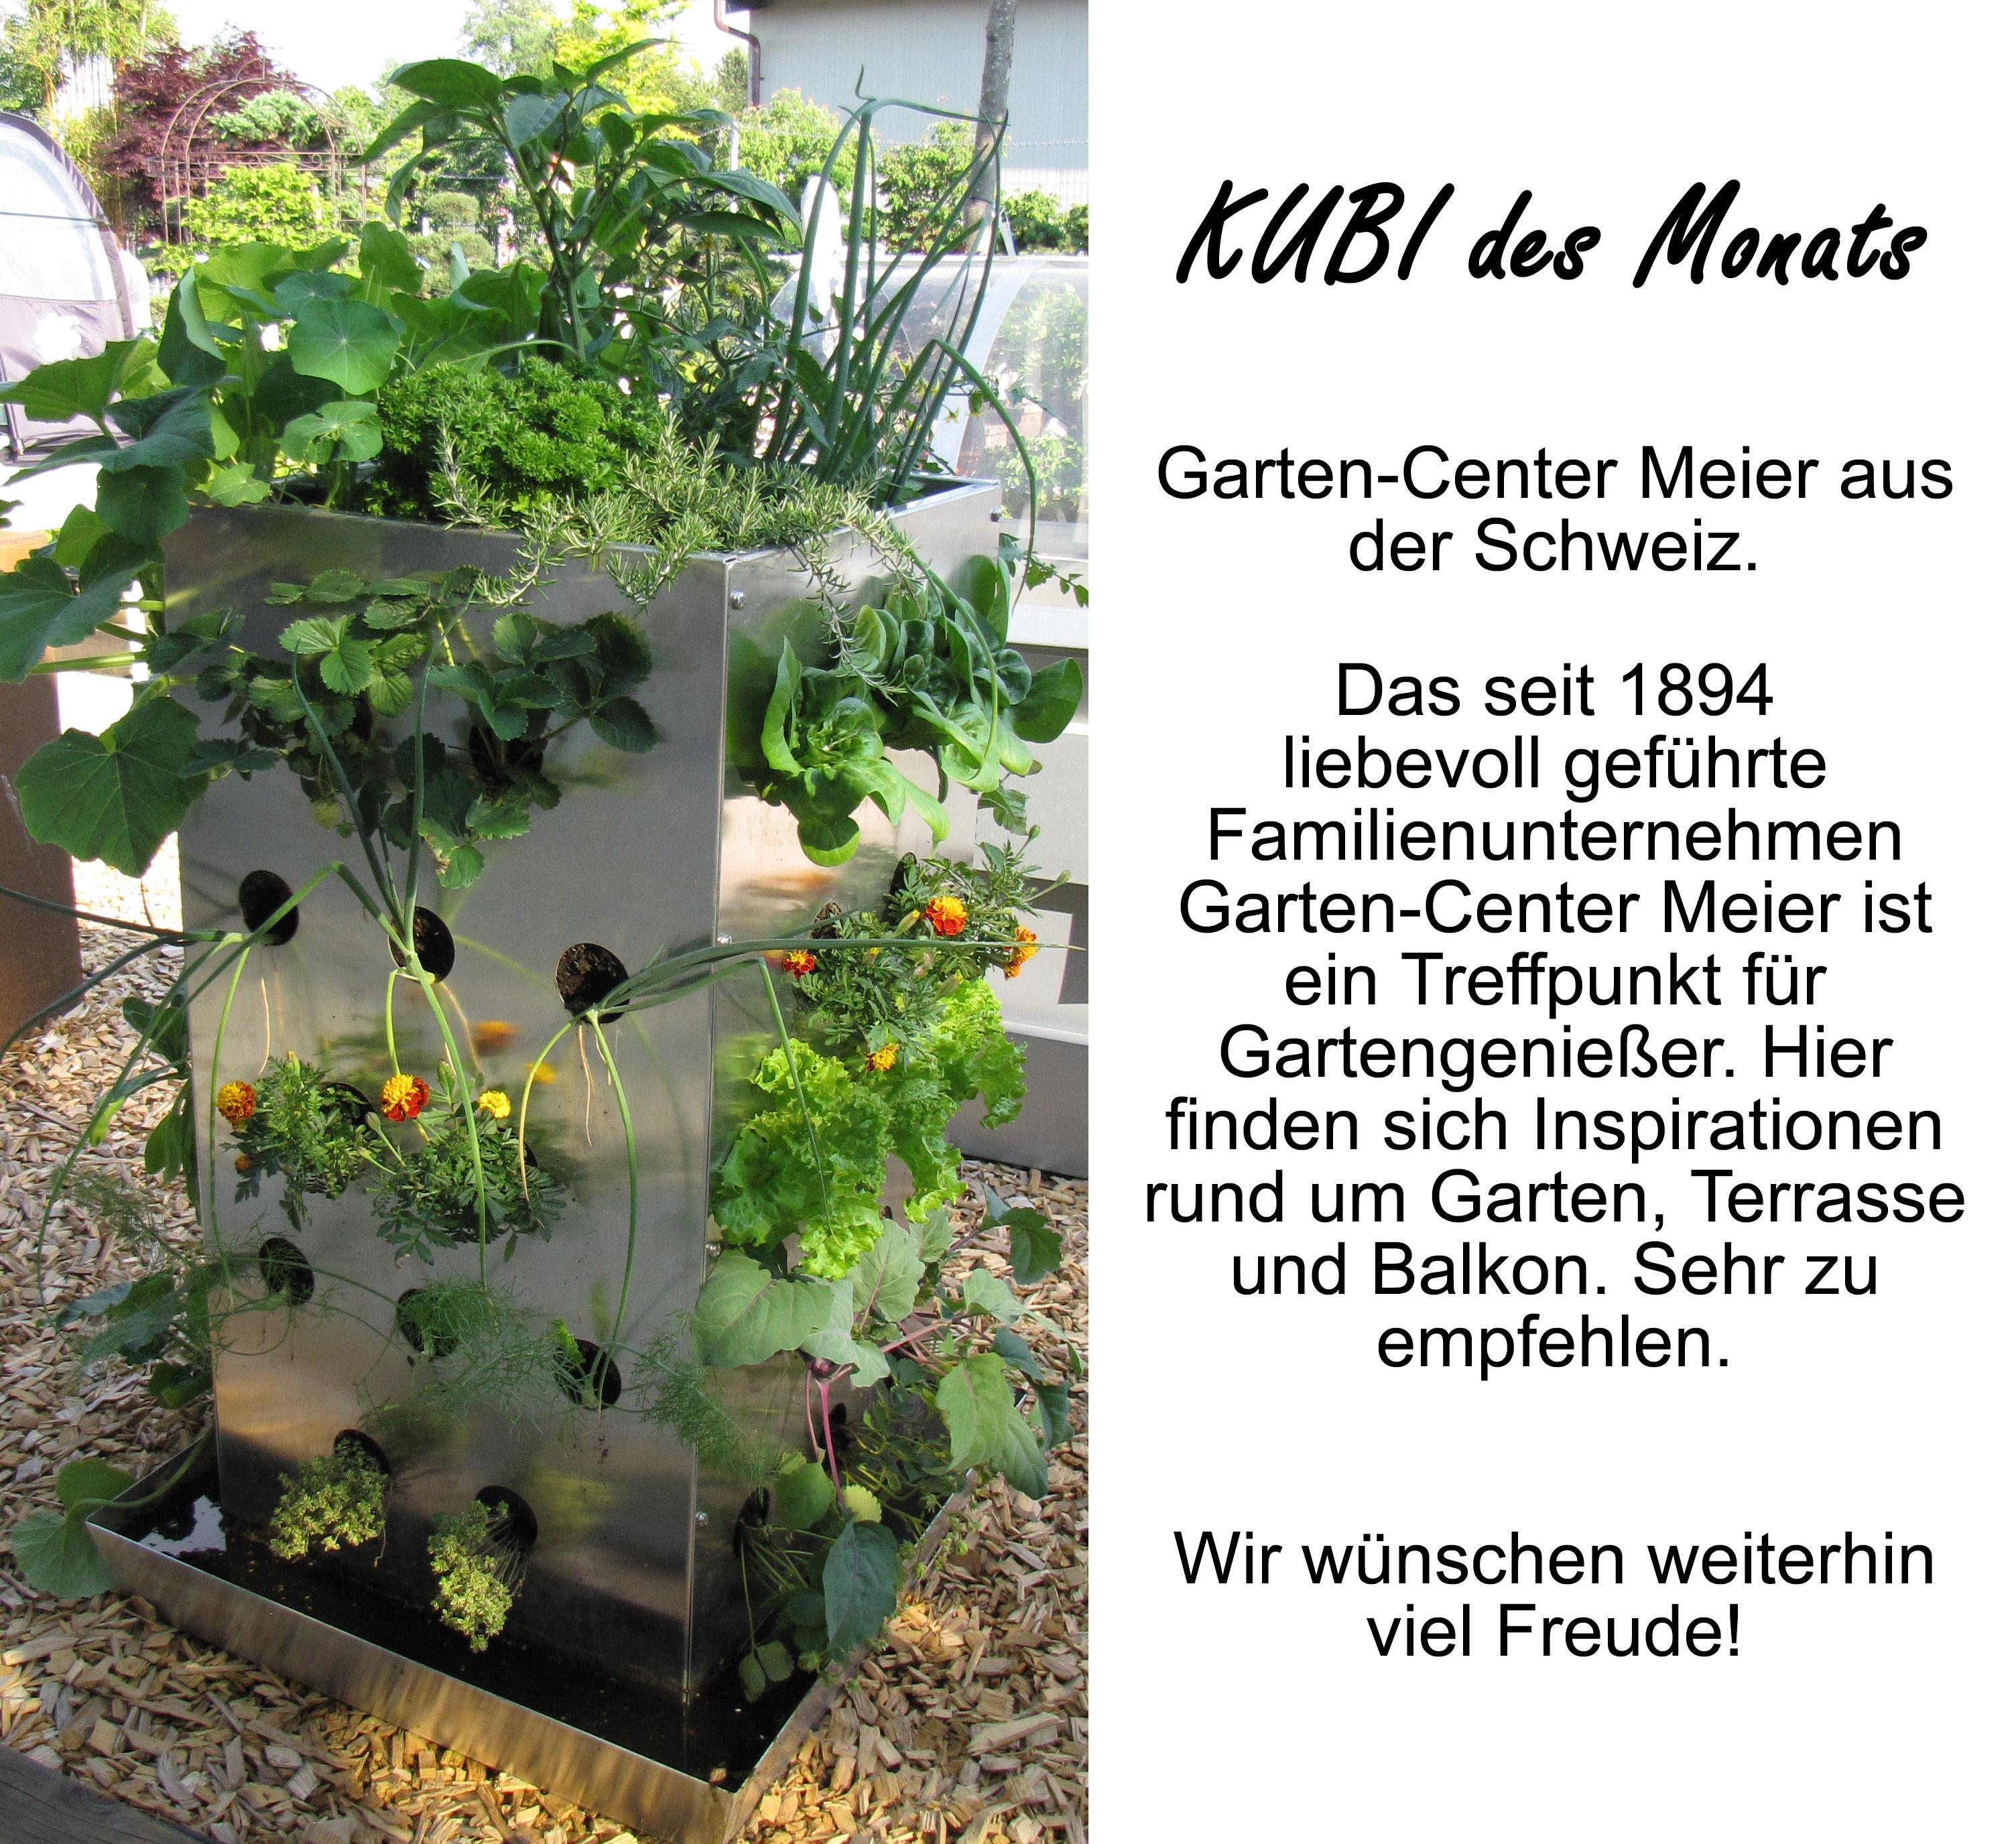 2016-02 KUBI des Monats Meier